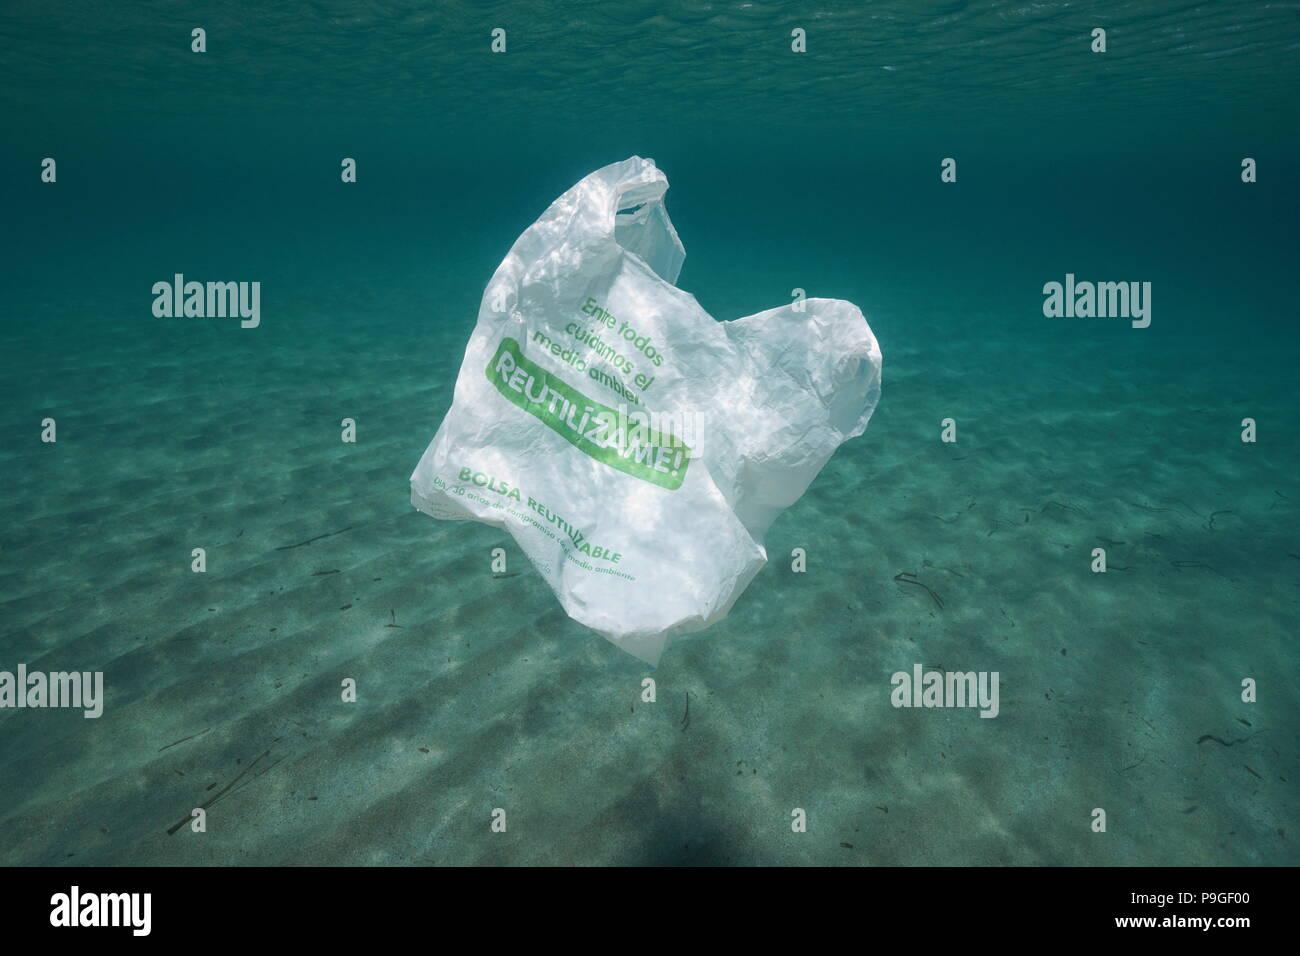 Inquinamento di plastica subacquea, una busta di plastica riutilizzabile alla deriva nel mare Mediterraneo, Almeria, Andalusia, Spagna Immagini Stock